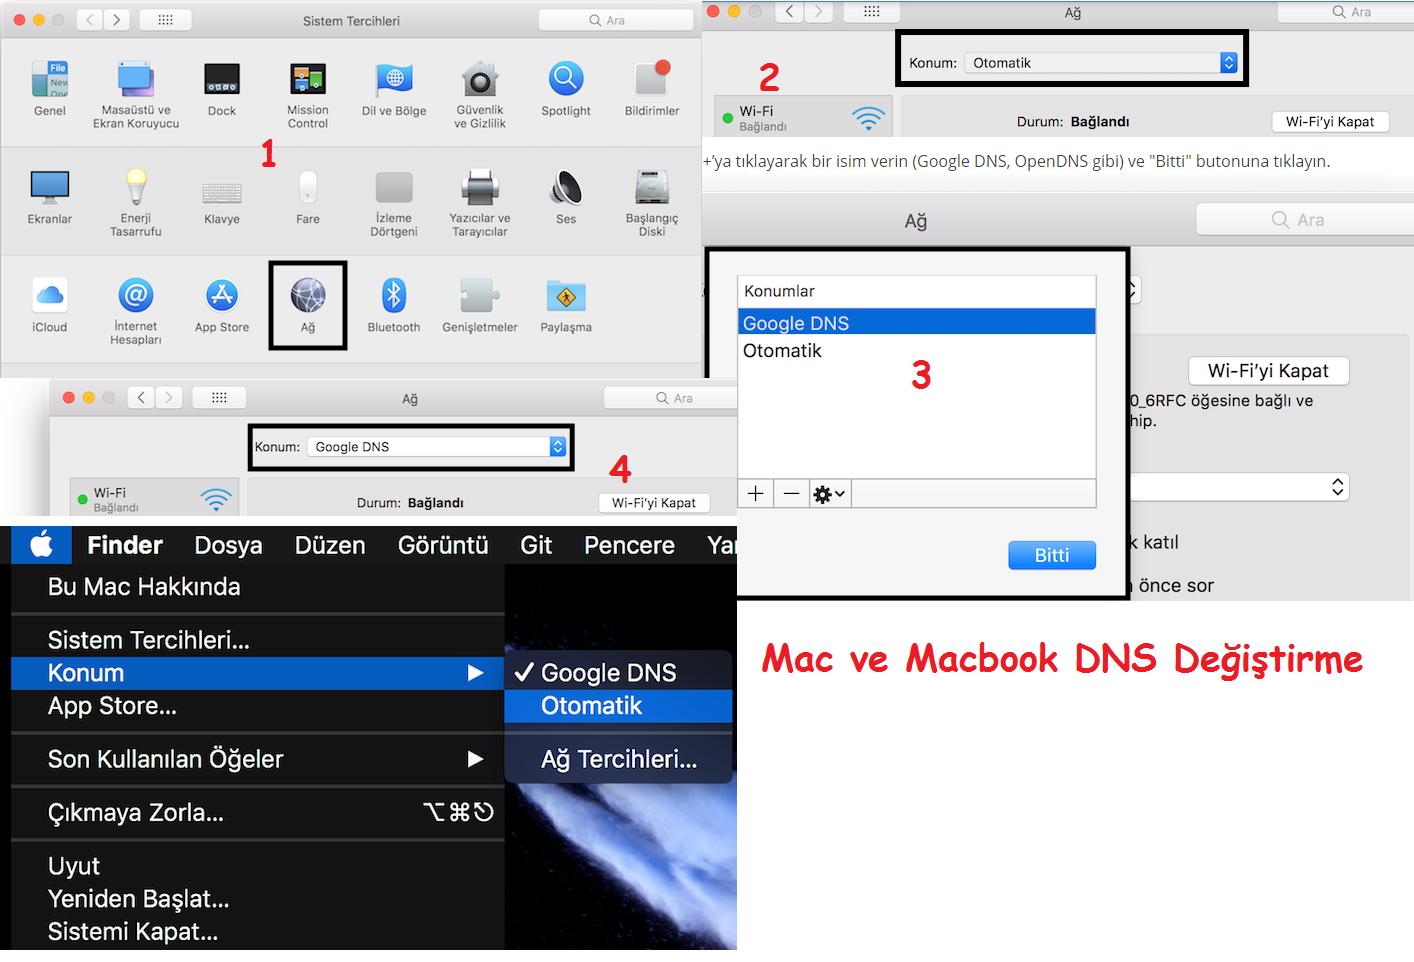 MAC ve Macbook DNS Değiştirme 2021 1